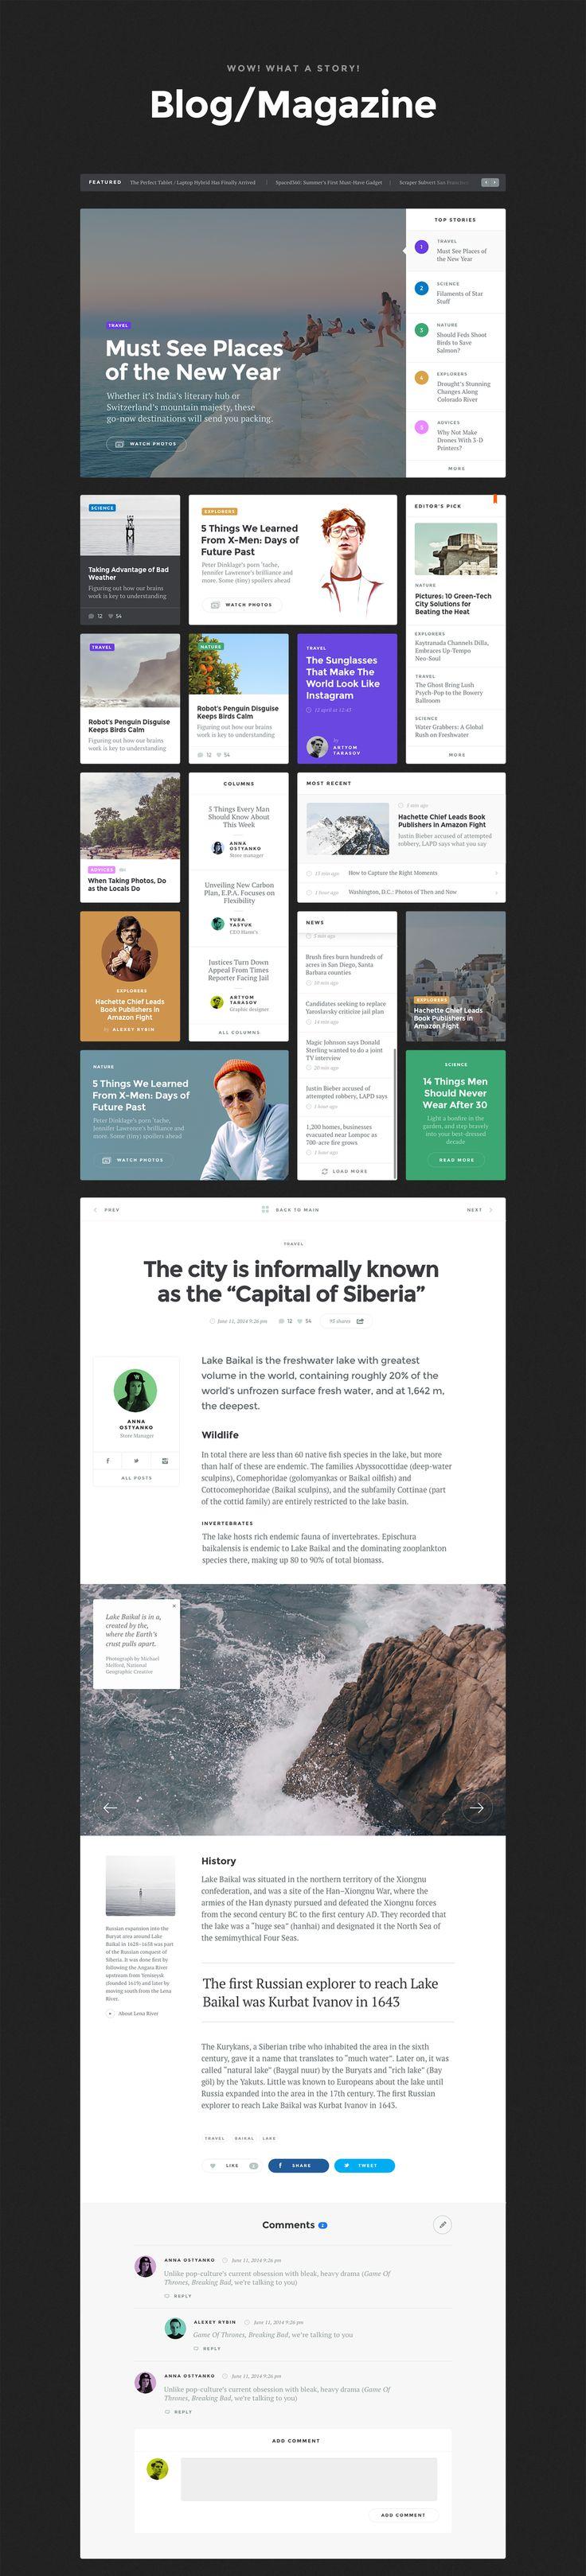 Baikal UI kit – blog/magazine